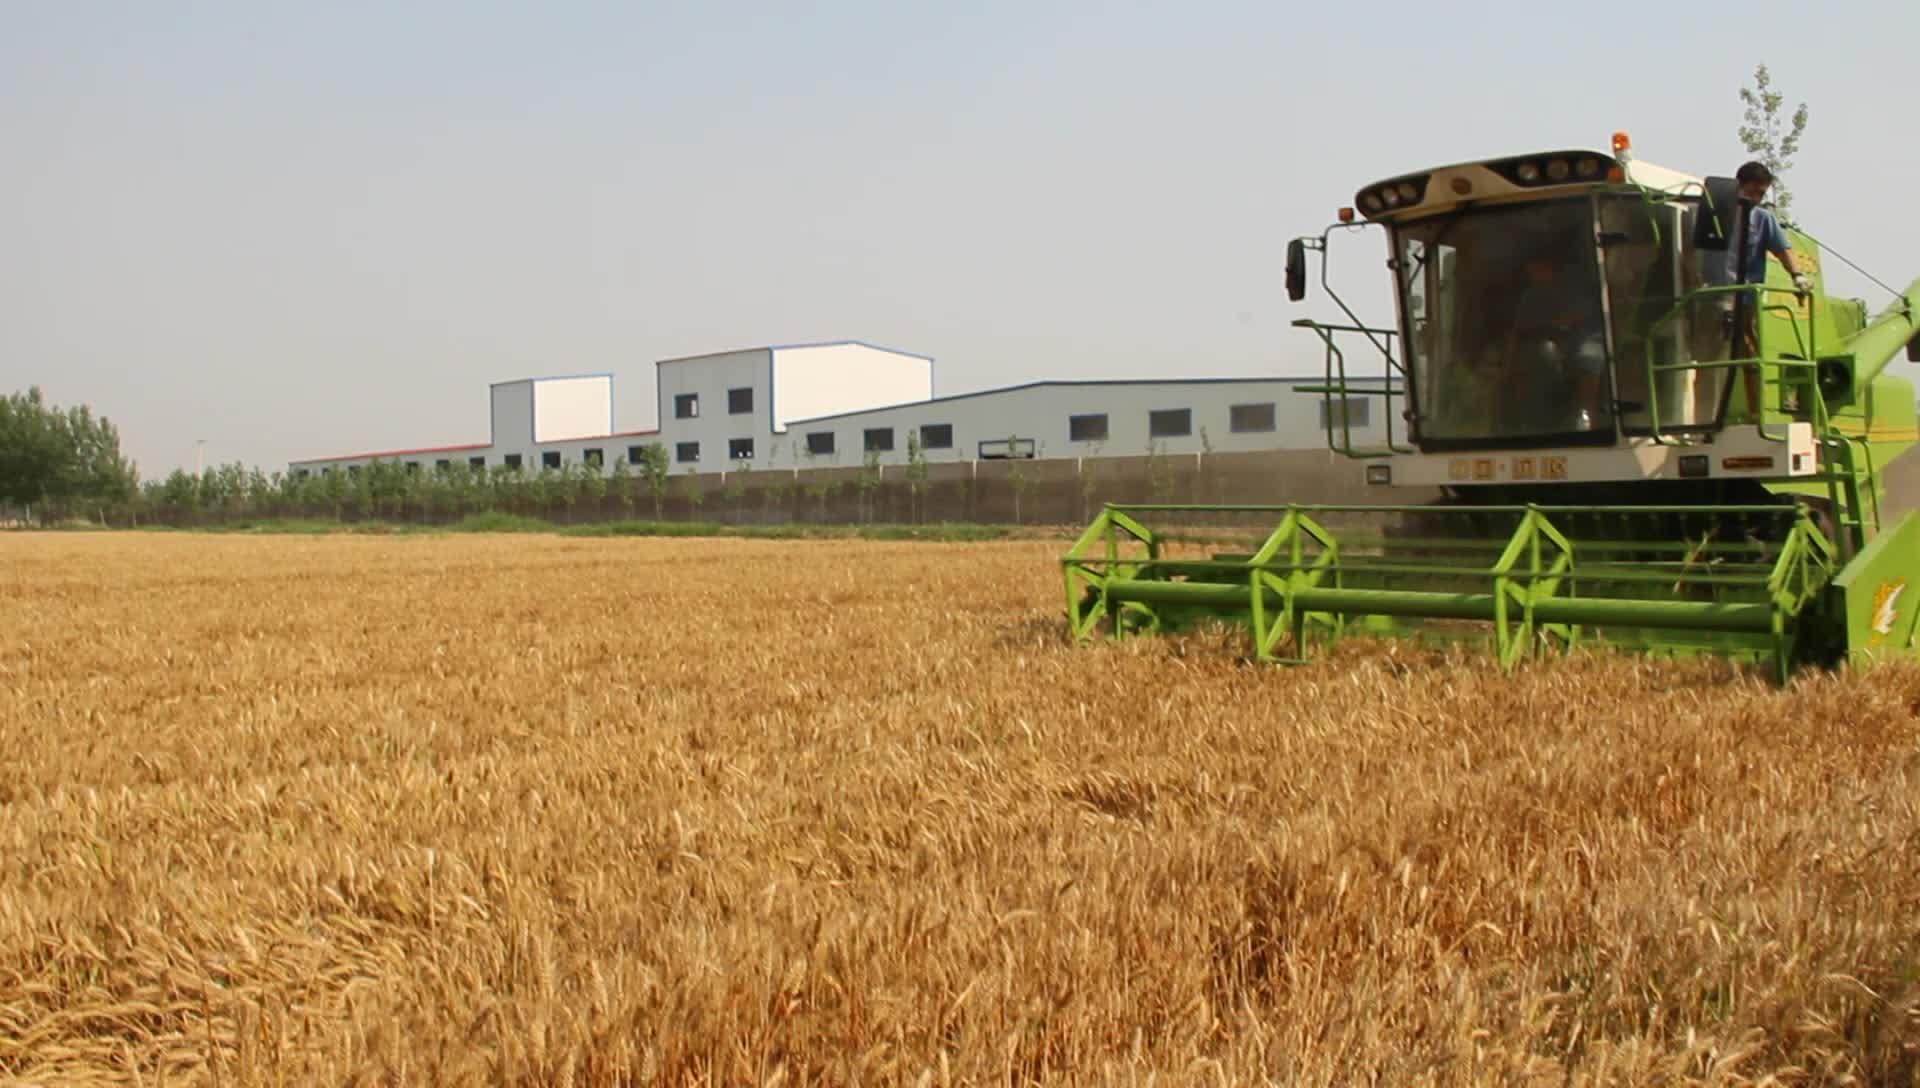 बड़े गेहूं/चावल कम्बाइन हारवेस्टर G60